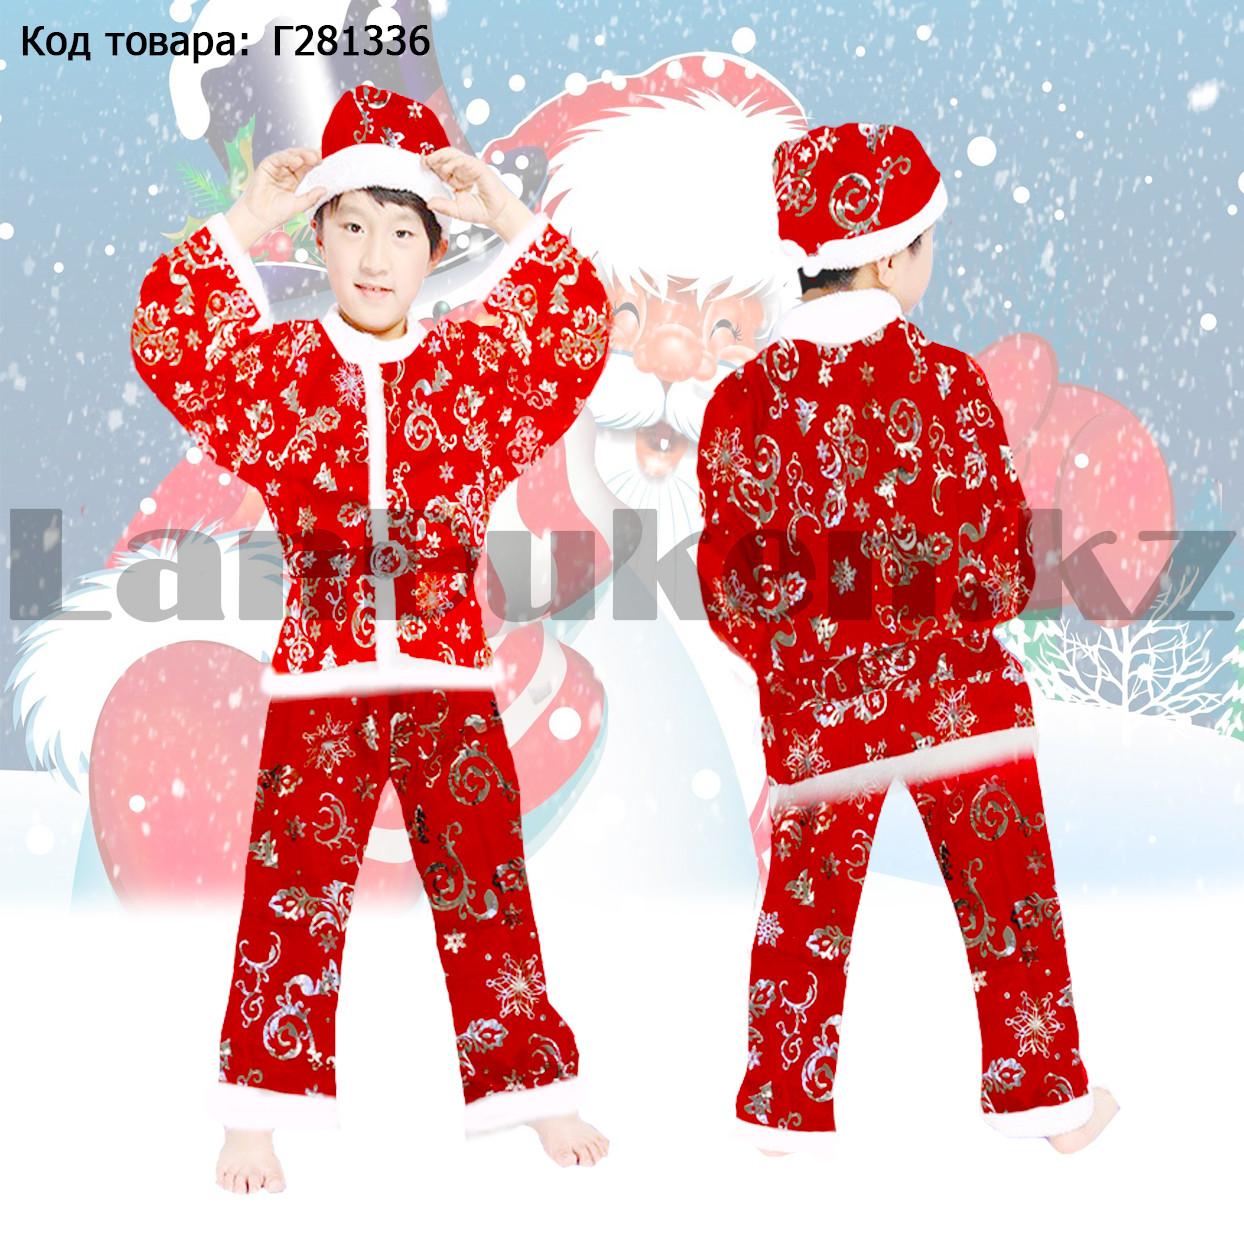 Костюм детский карнавальный раздельный Санты Клауса Santa Claus с узором - фото 1